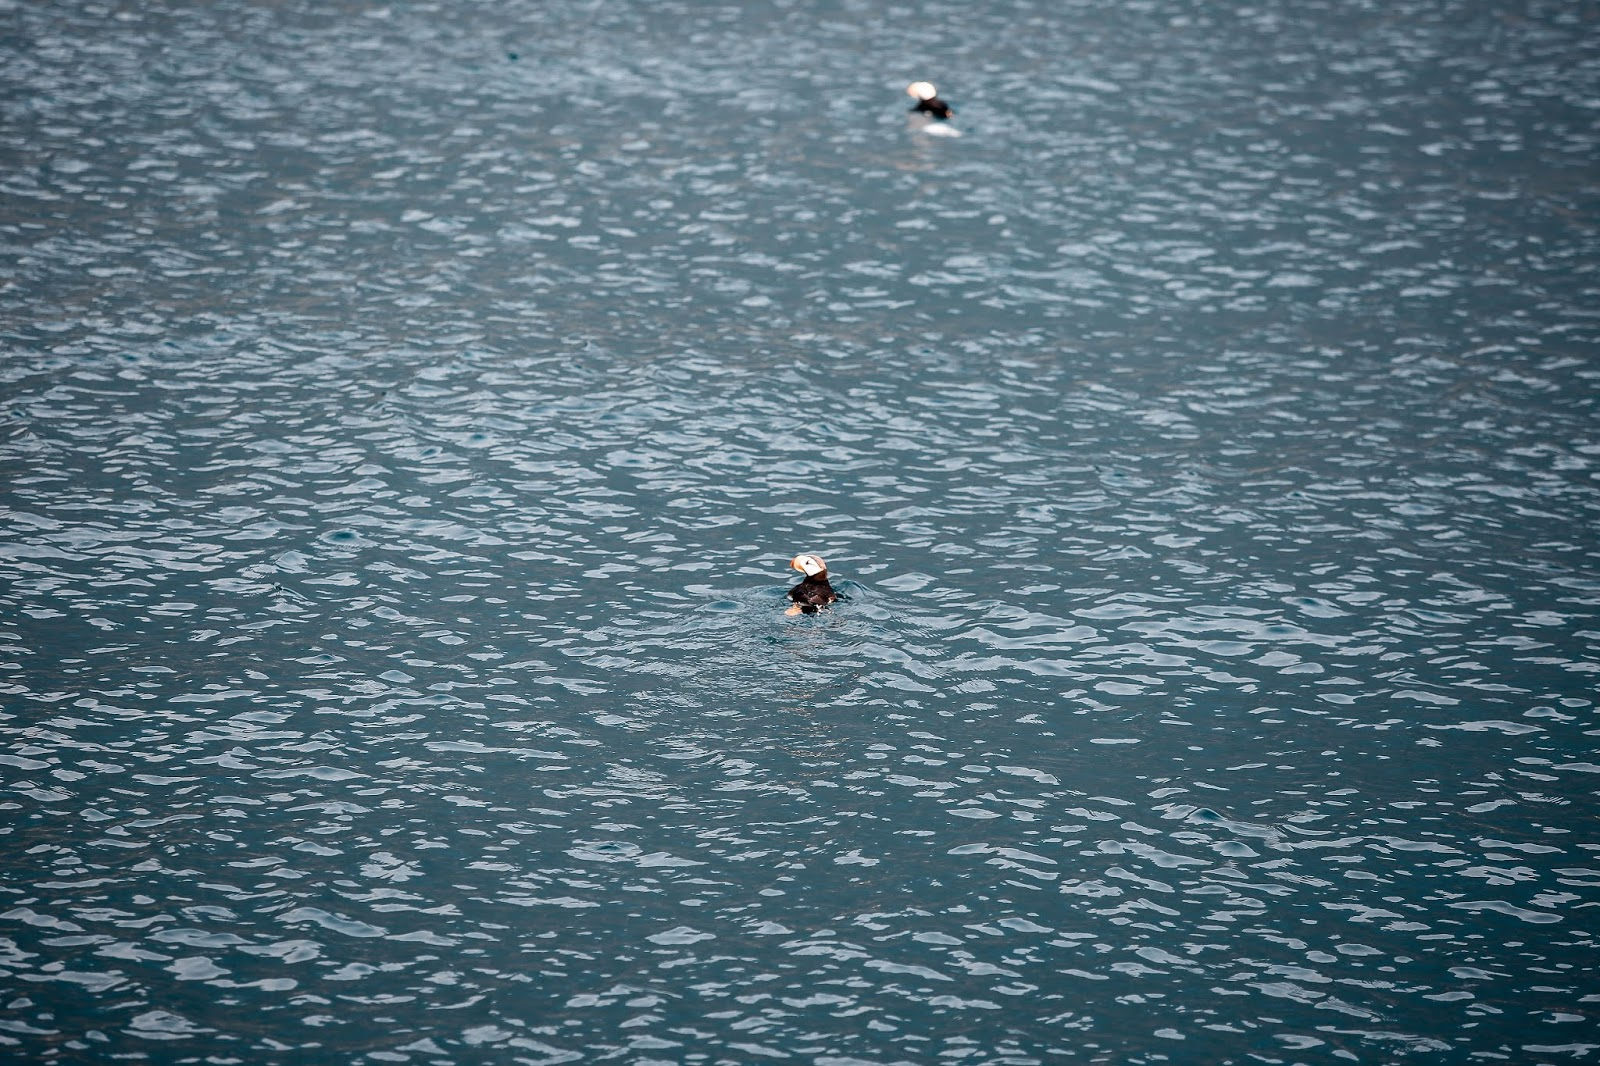 Wildlife, Major Marine Tour, Kenai Fjords